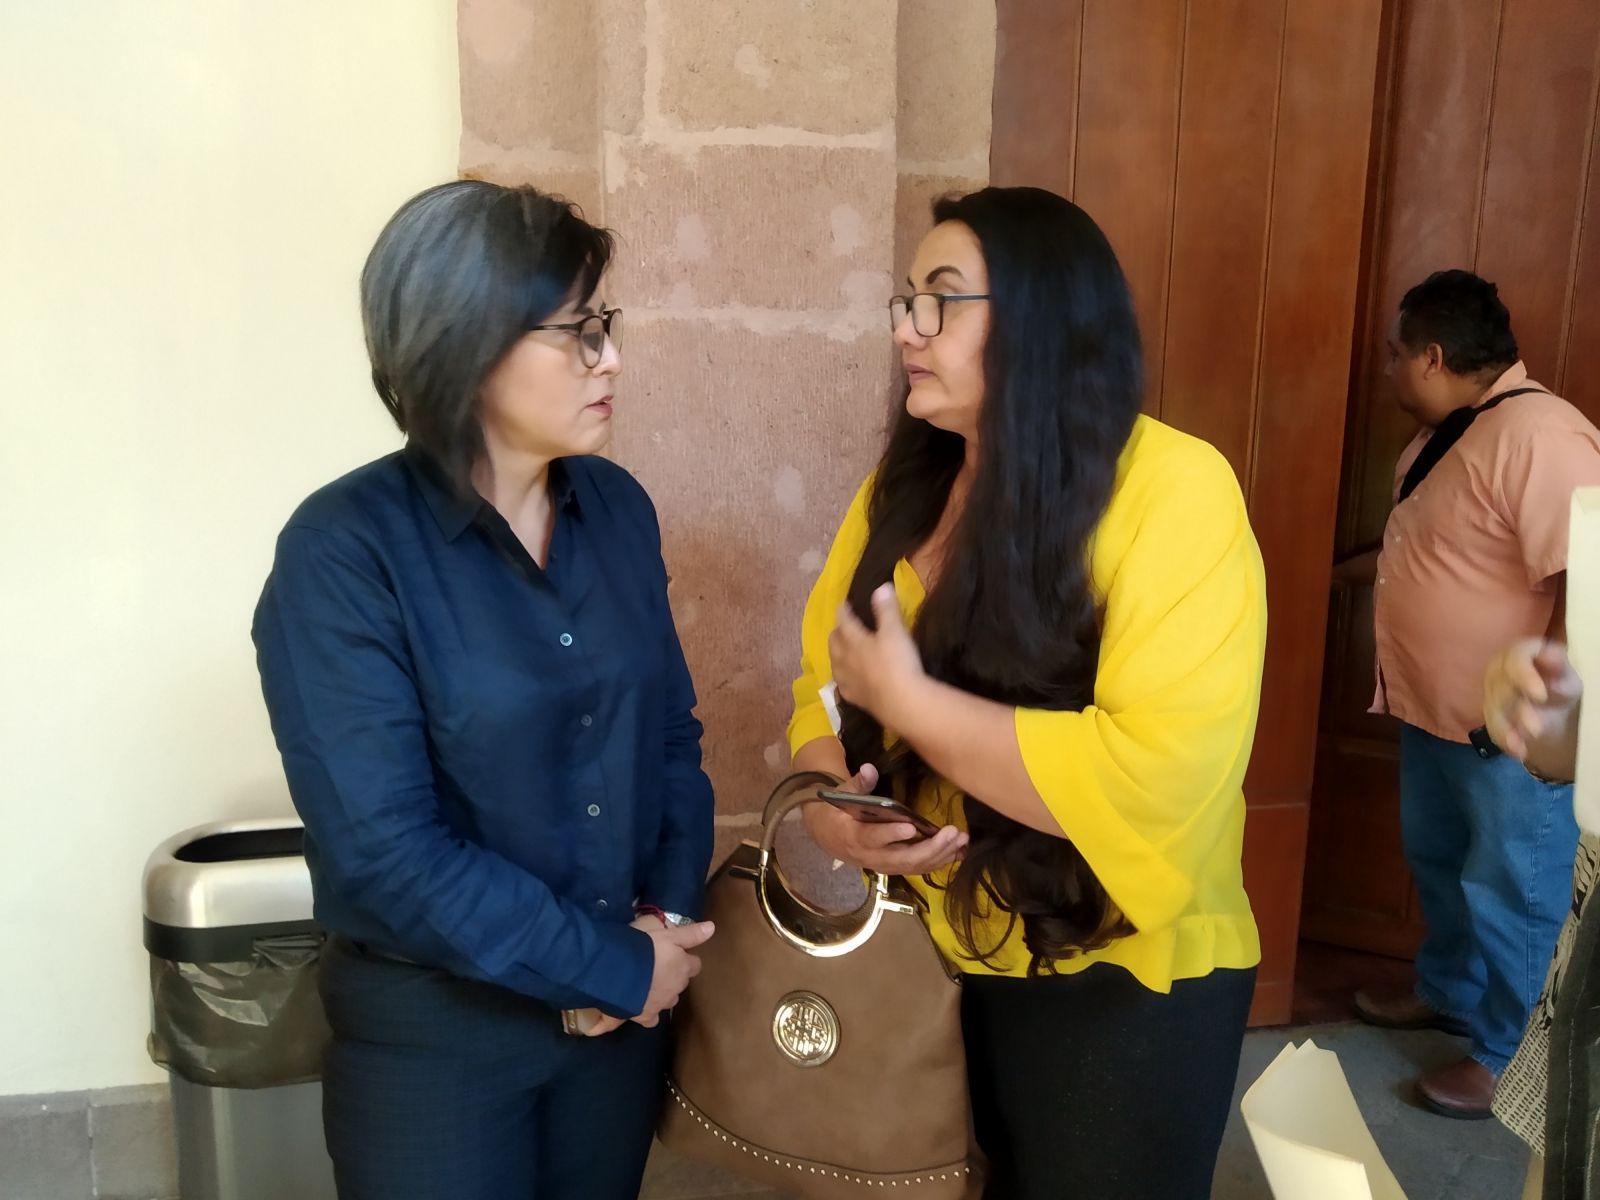 Potosina torturada por marinos pide ayuda a la CEAV (San Luis Potosí)